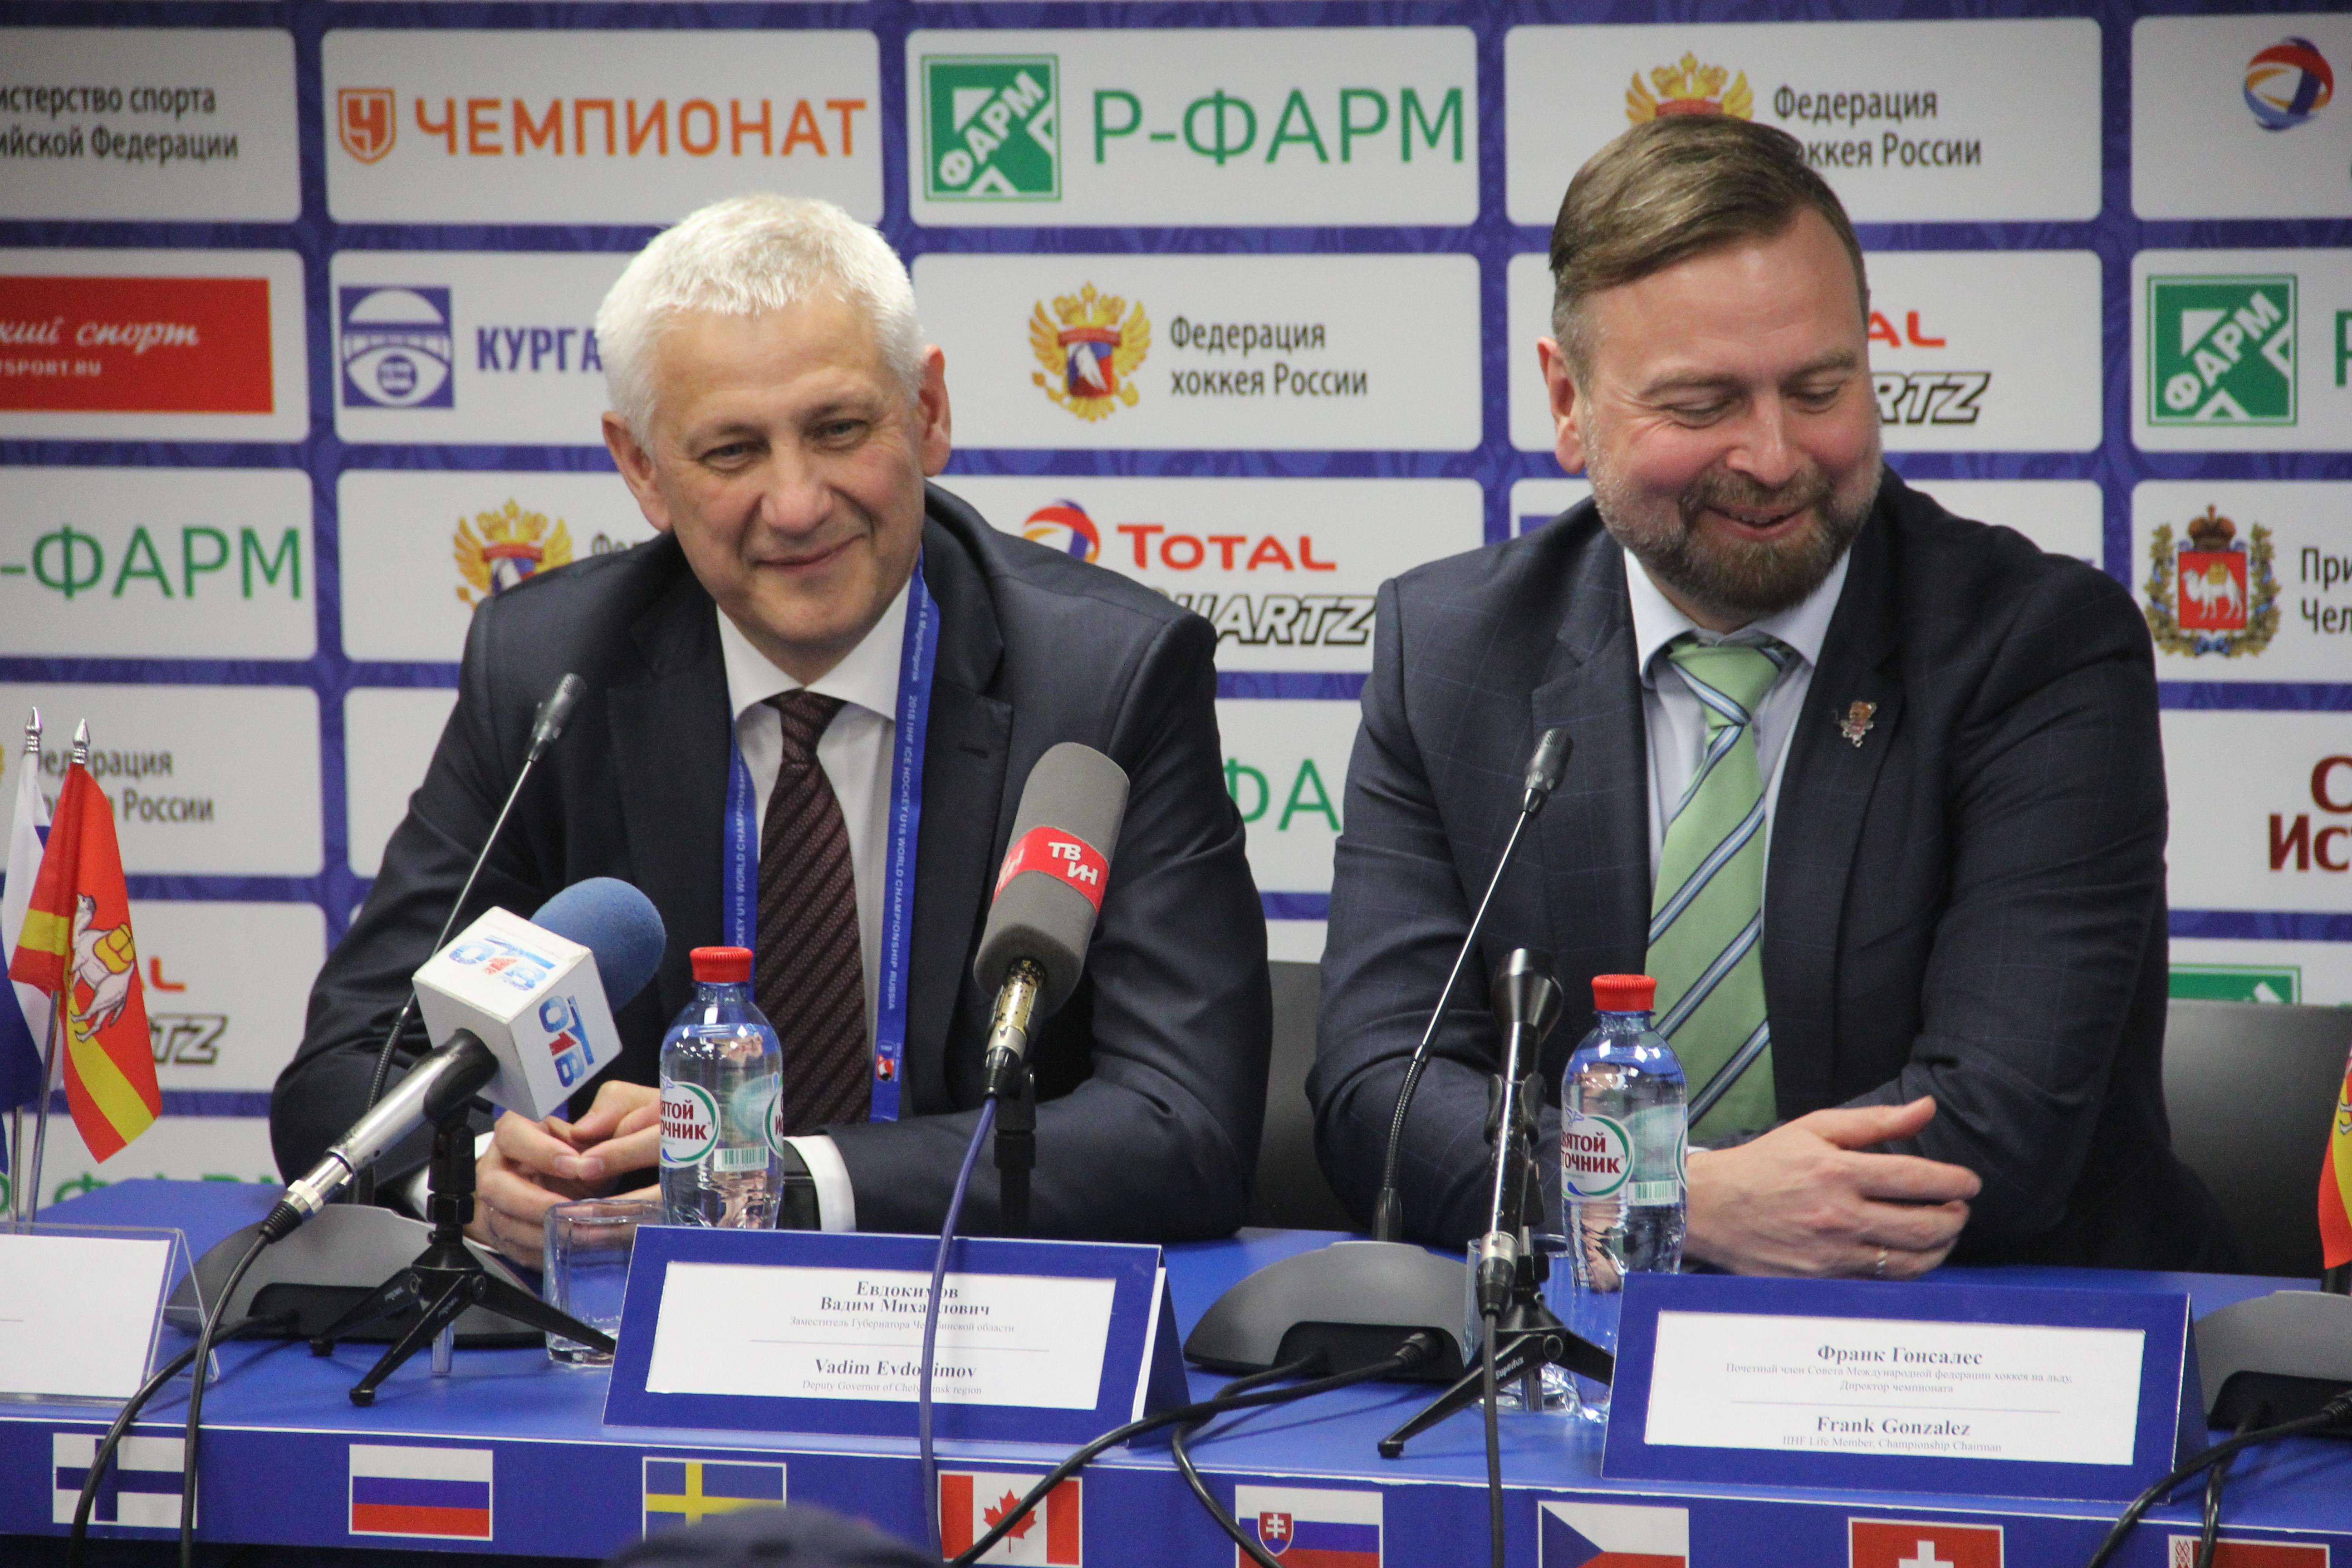 В Магнитогорске (Челябинская область) состоялись торжественное открытие Чемпионата мира по хоккею